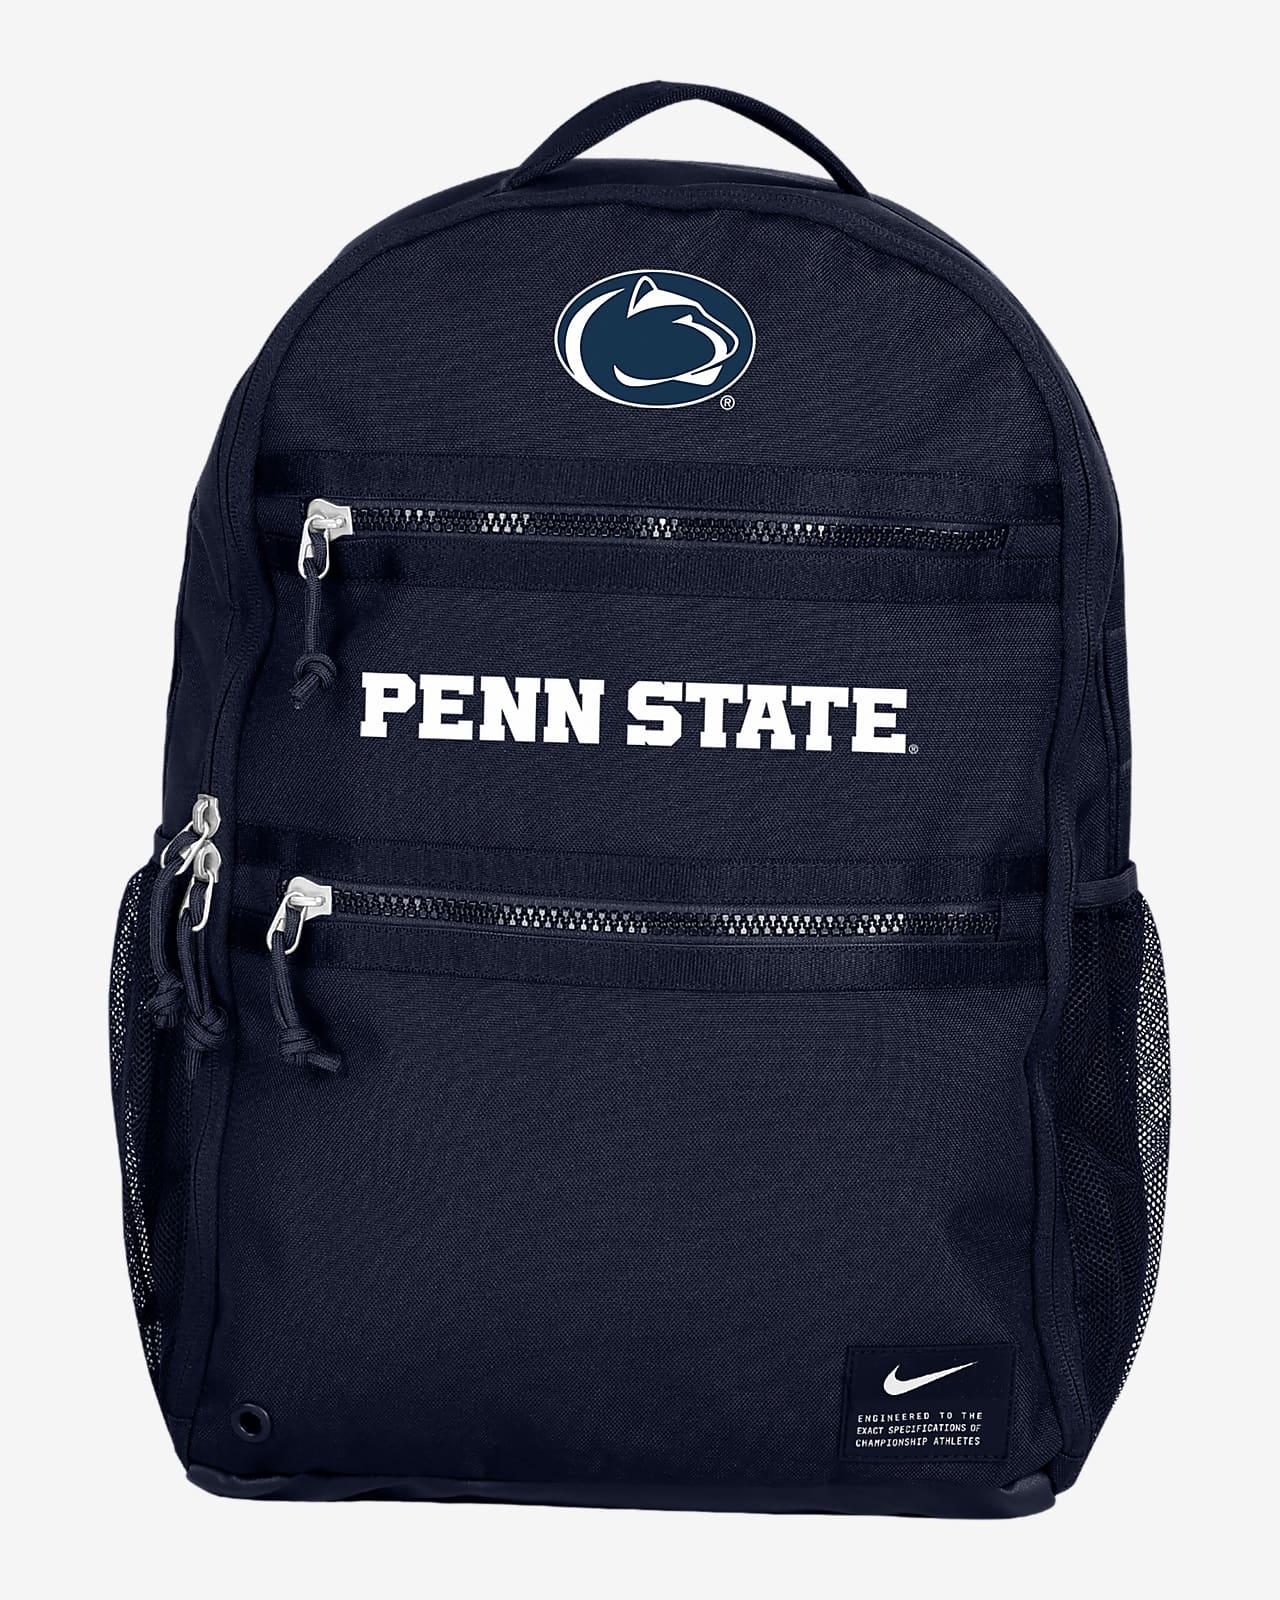 Nike College (Penn State) Backpack